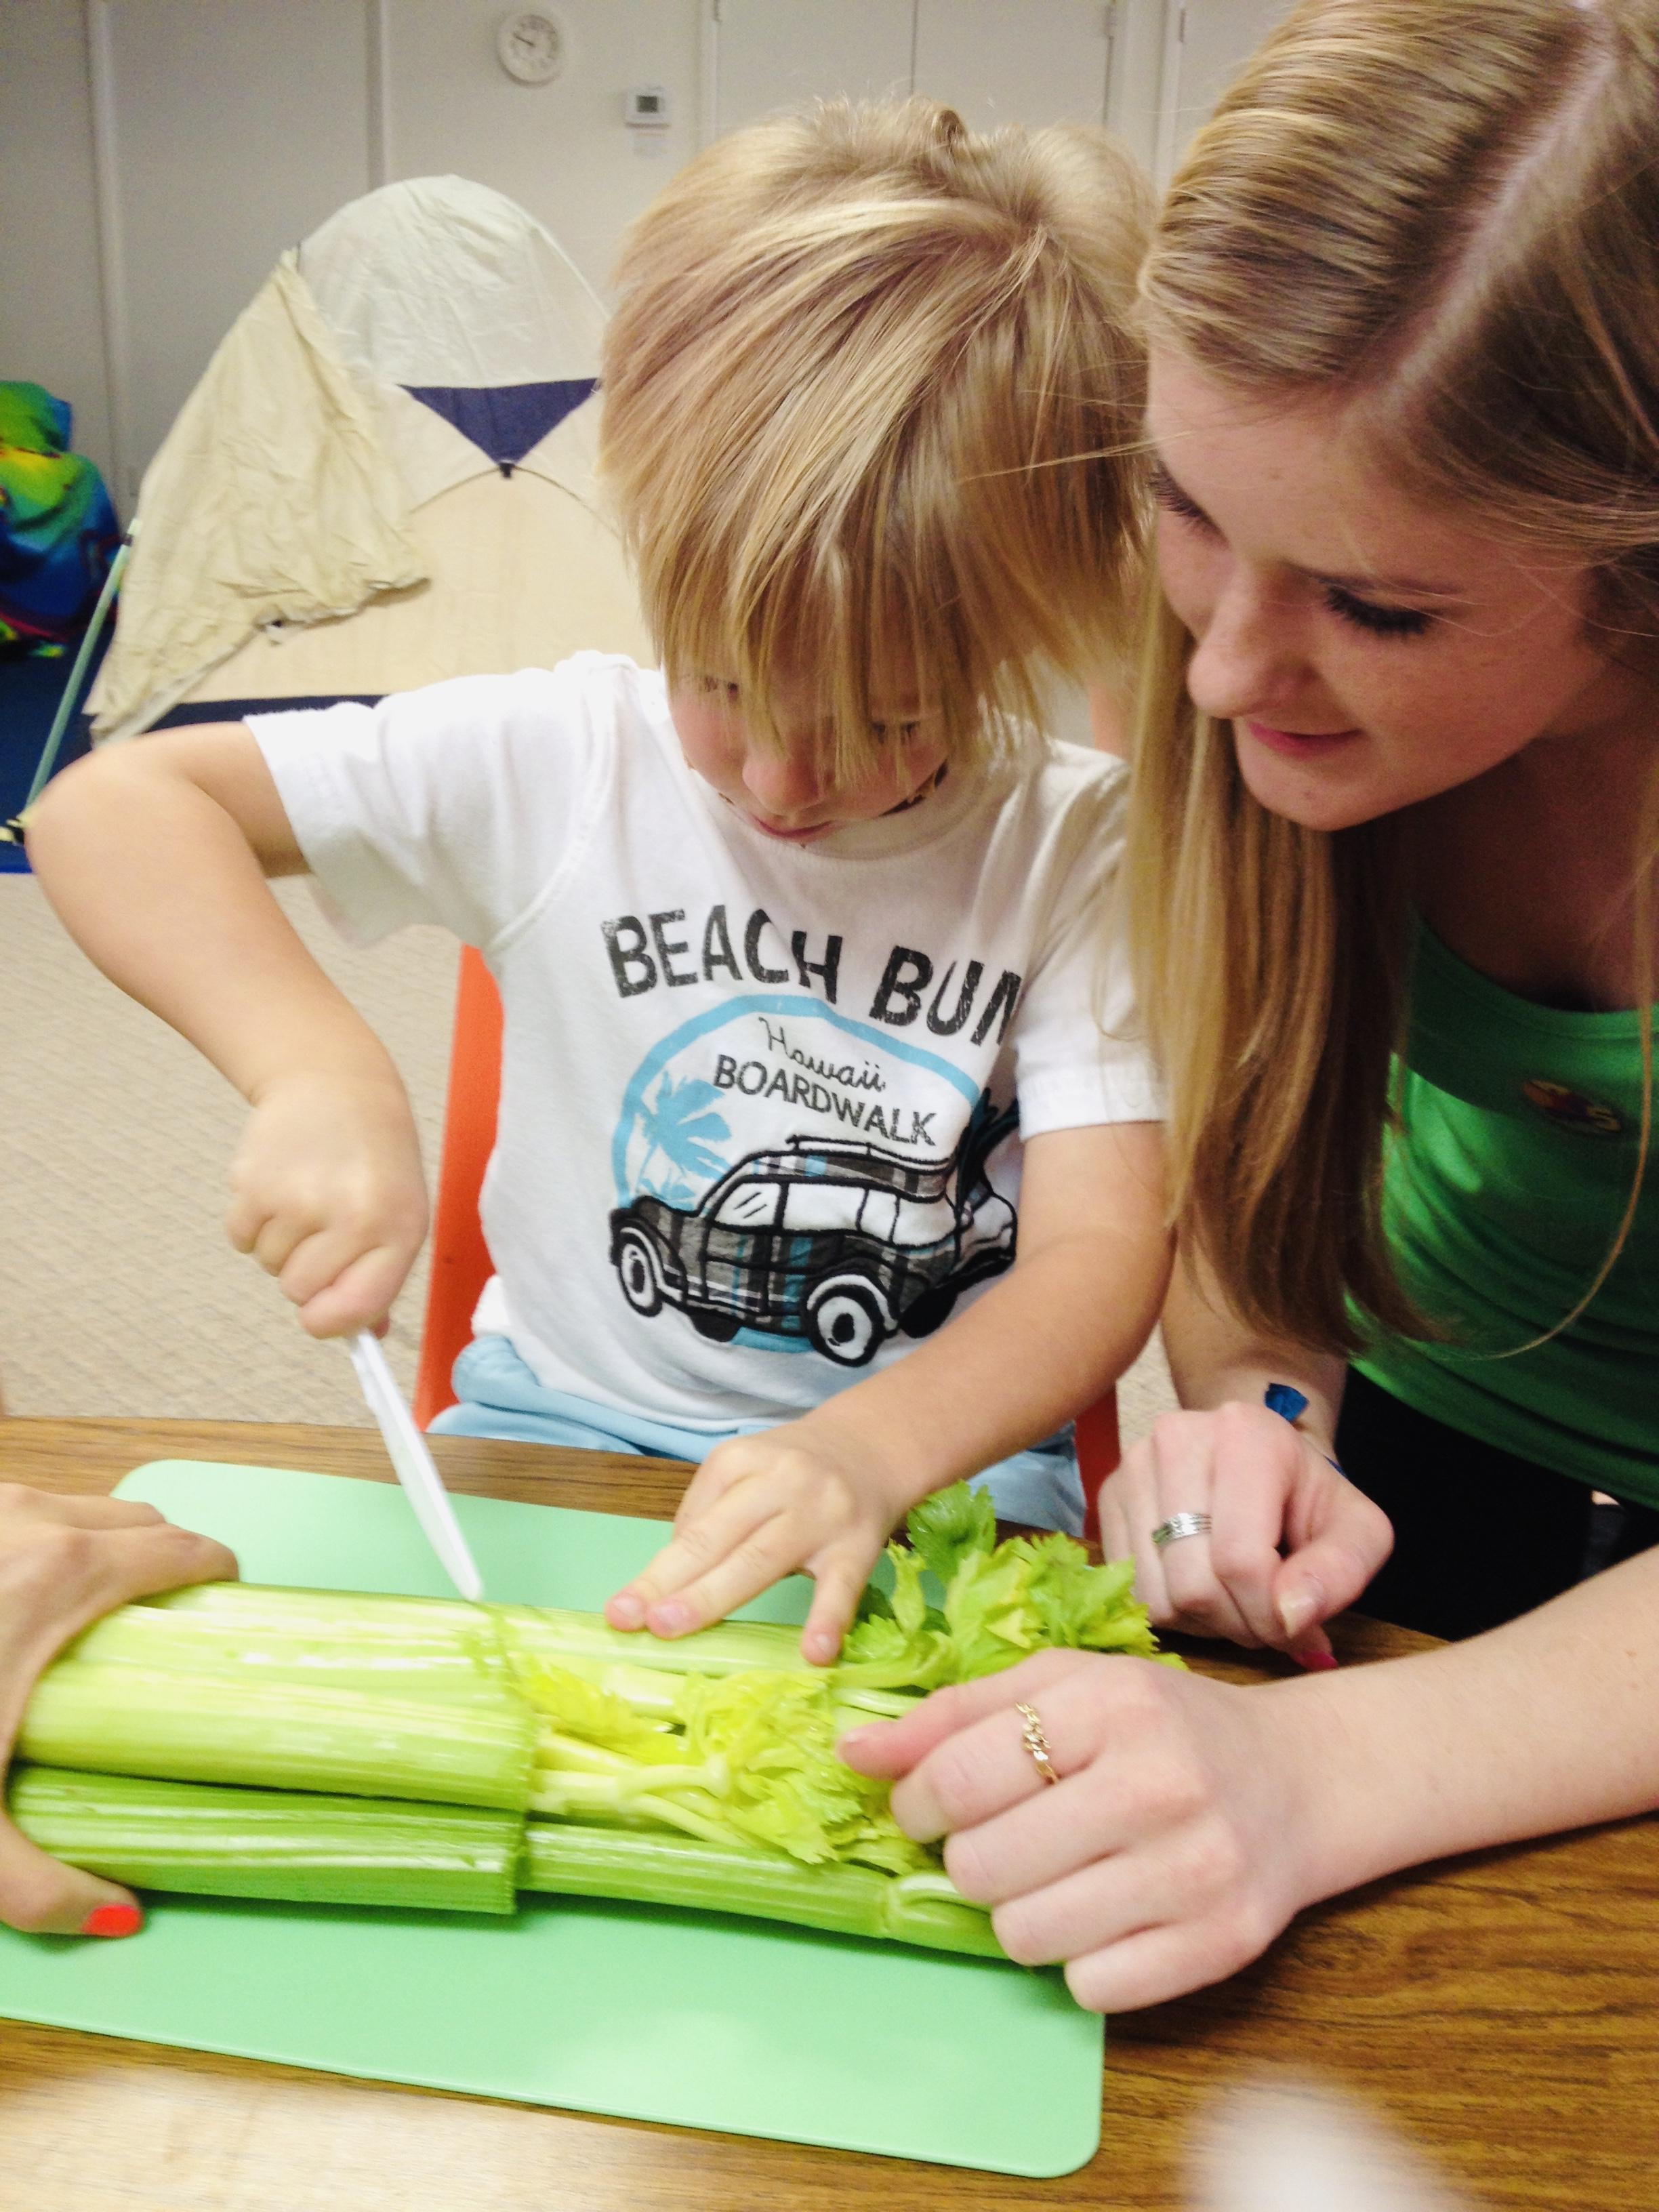 Woman helping little boy cut celery